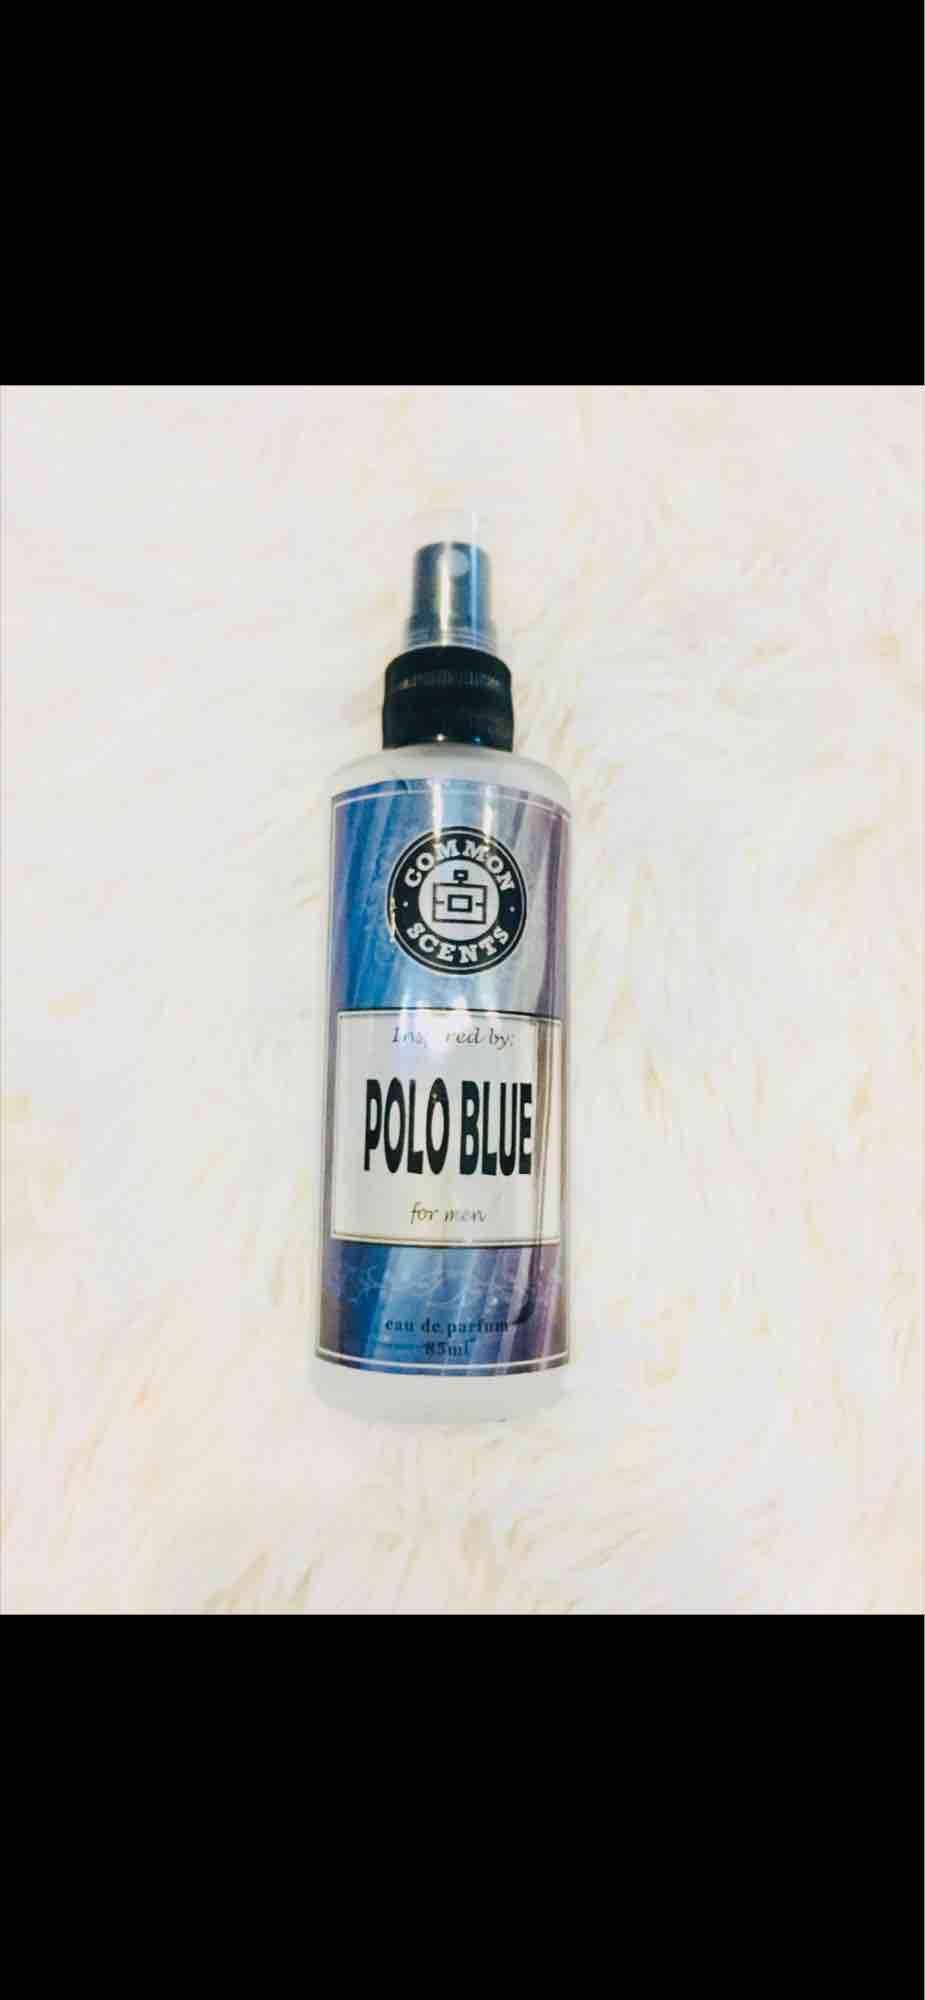 Polo Blue For Men Oil Based Inspired Perfume 80ml 150